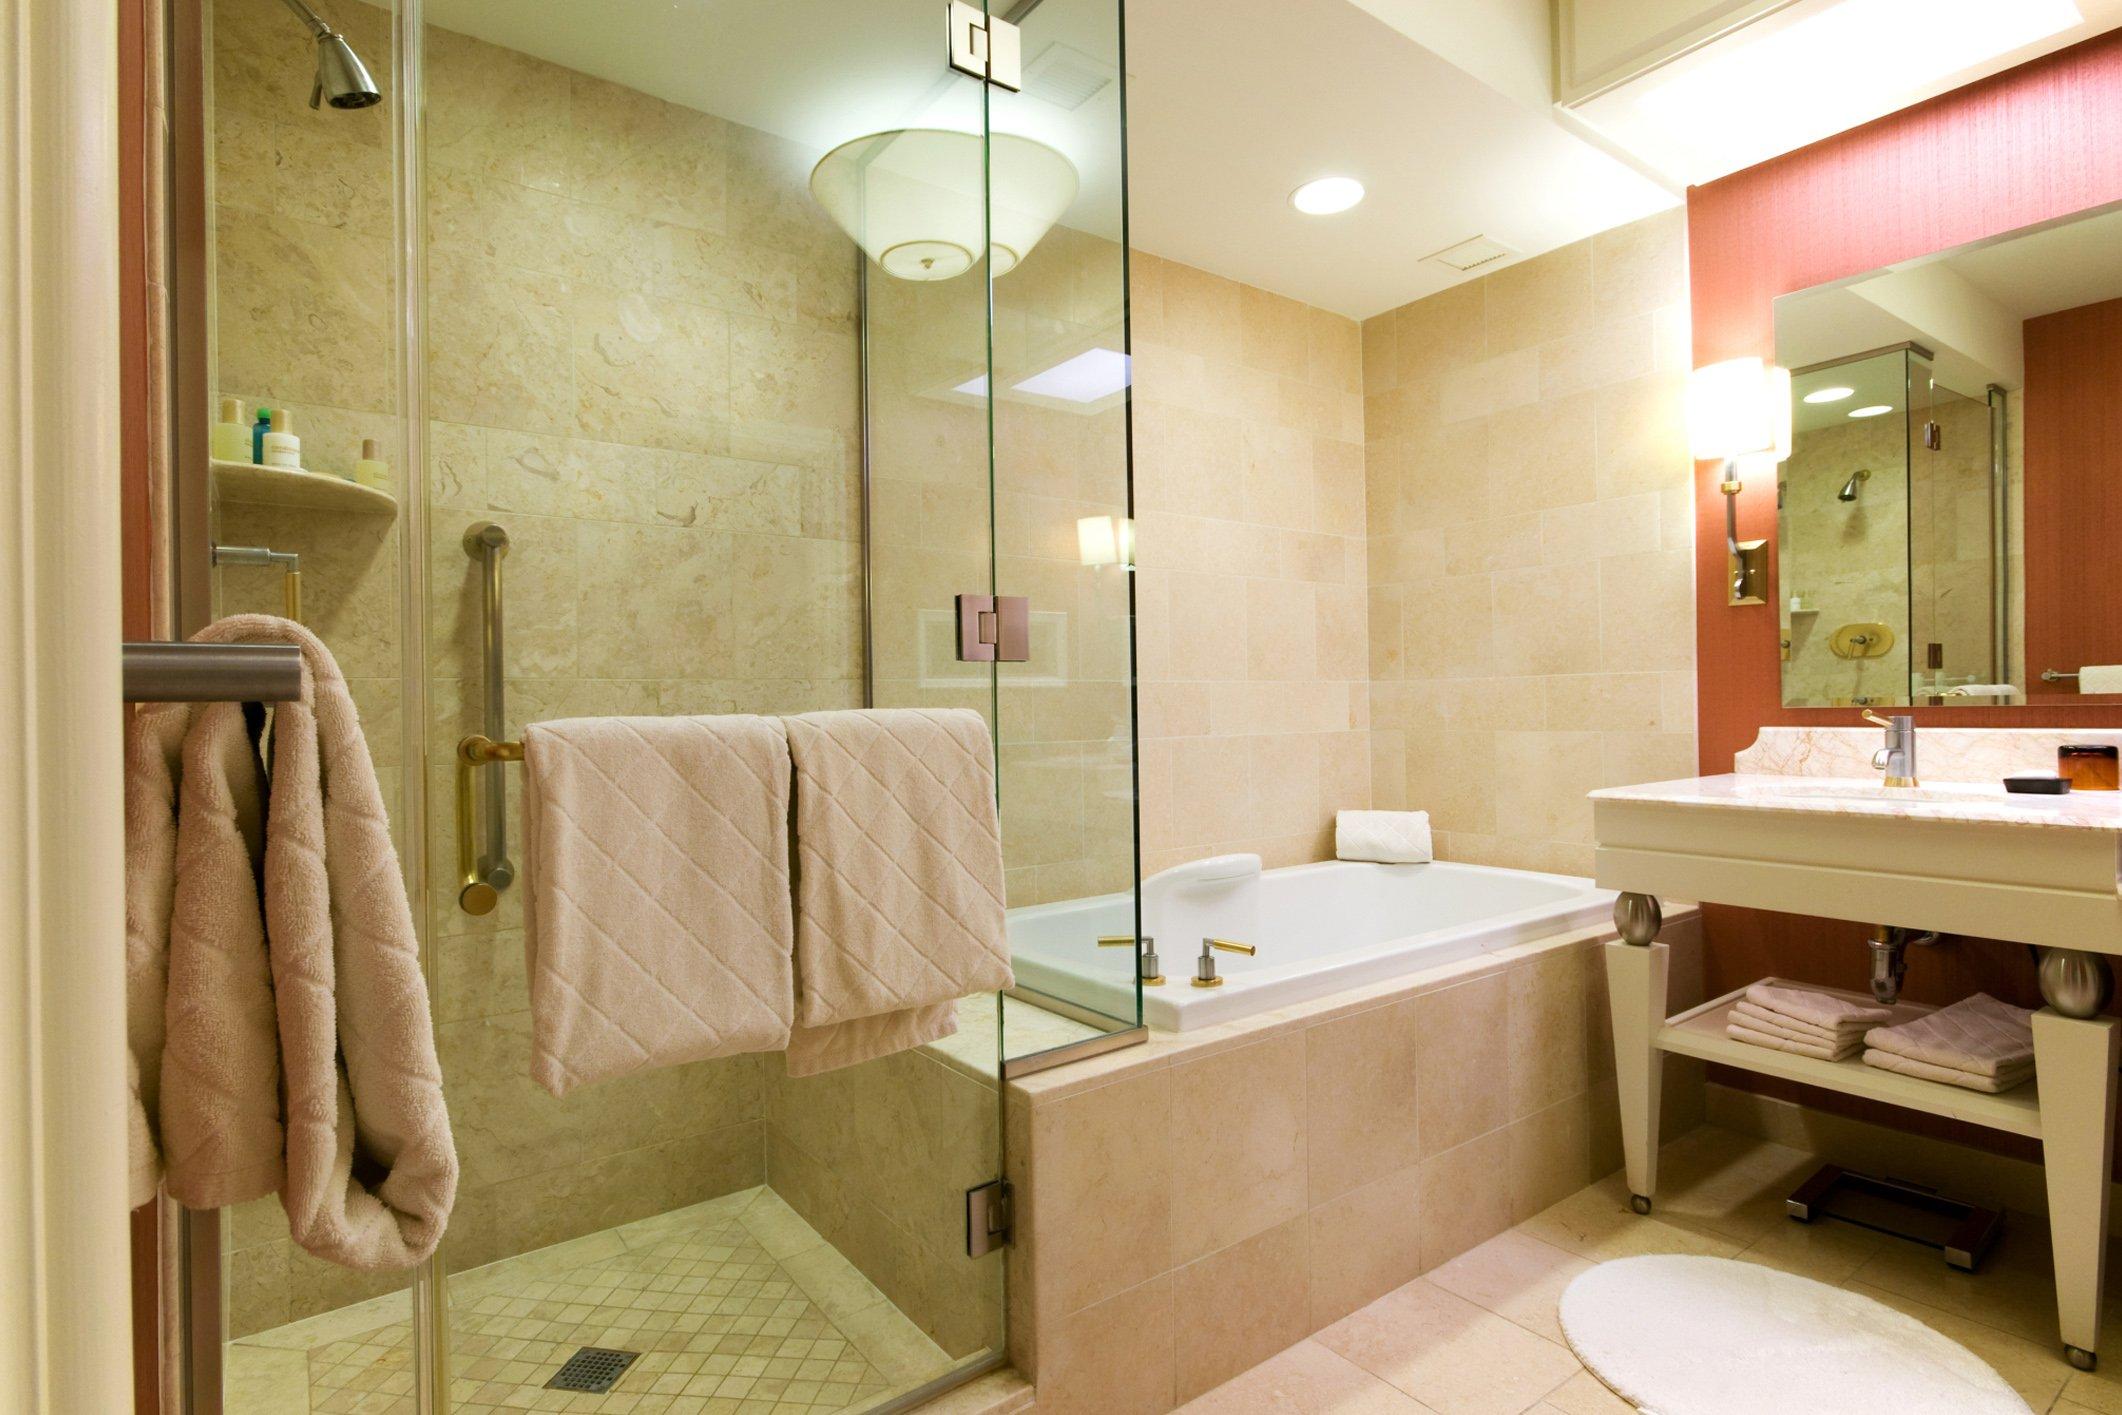 Local Plumber Cantonment Pensacola FL Harlow Plumbing - Bathroom remodel pensacola fl